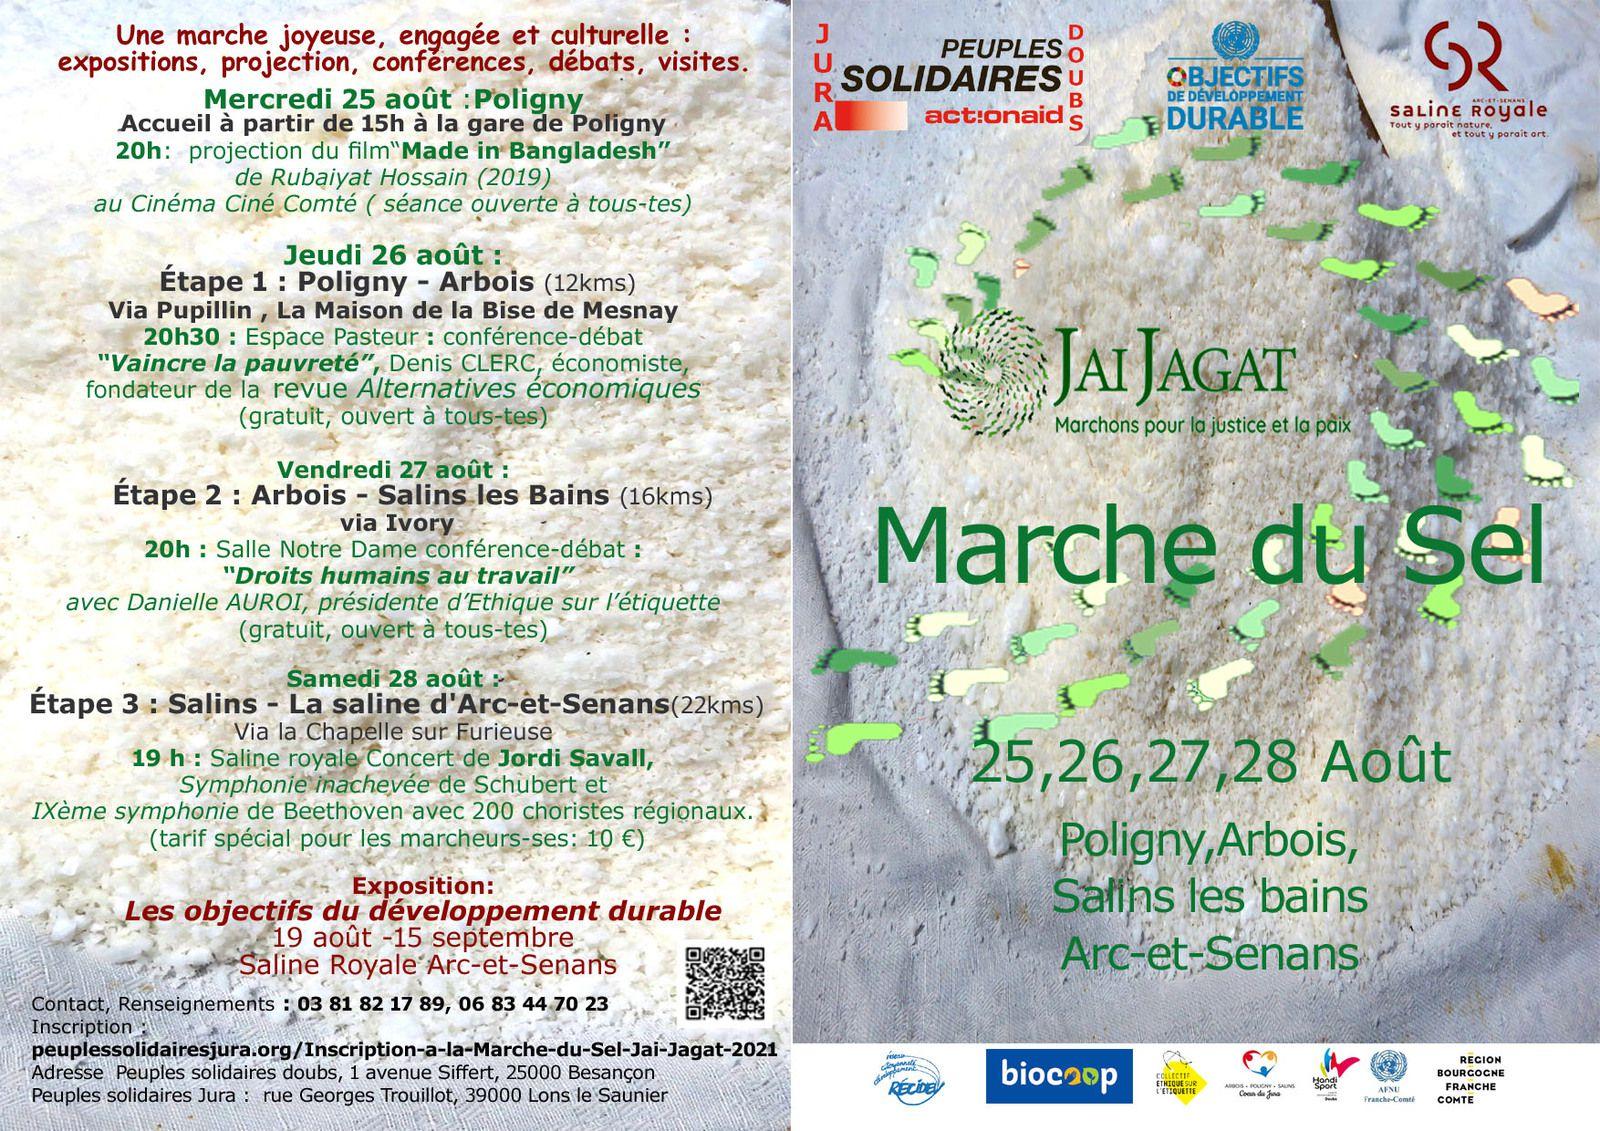 Marche du sel 2021 de Salins à Arc-et-Senans